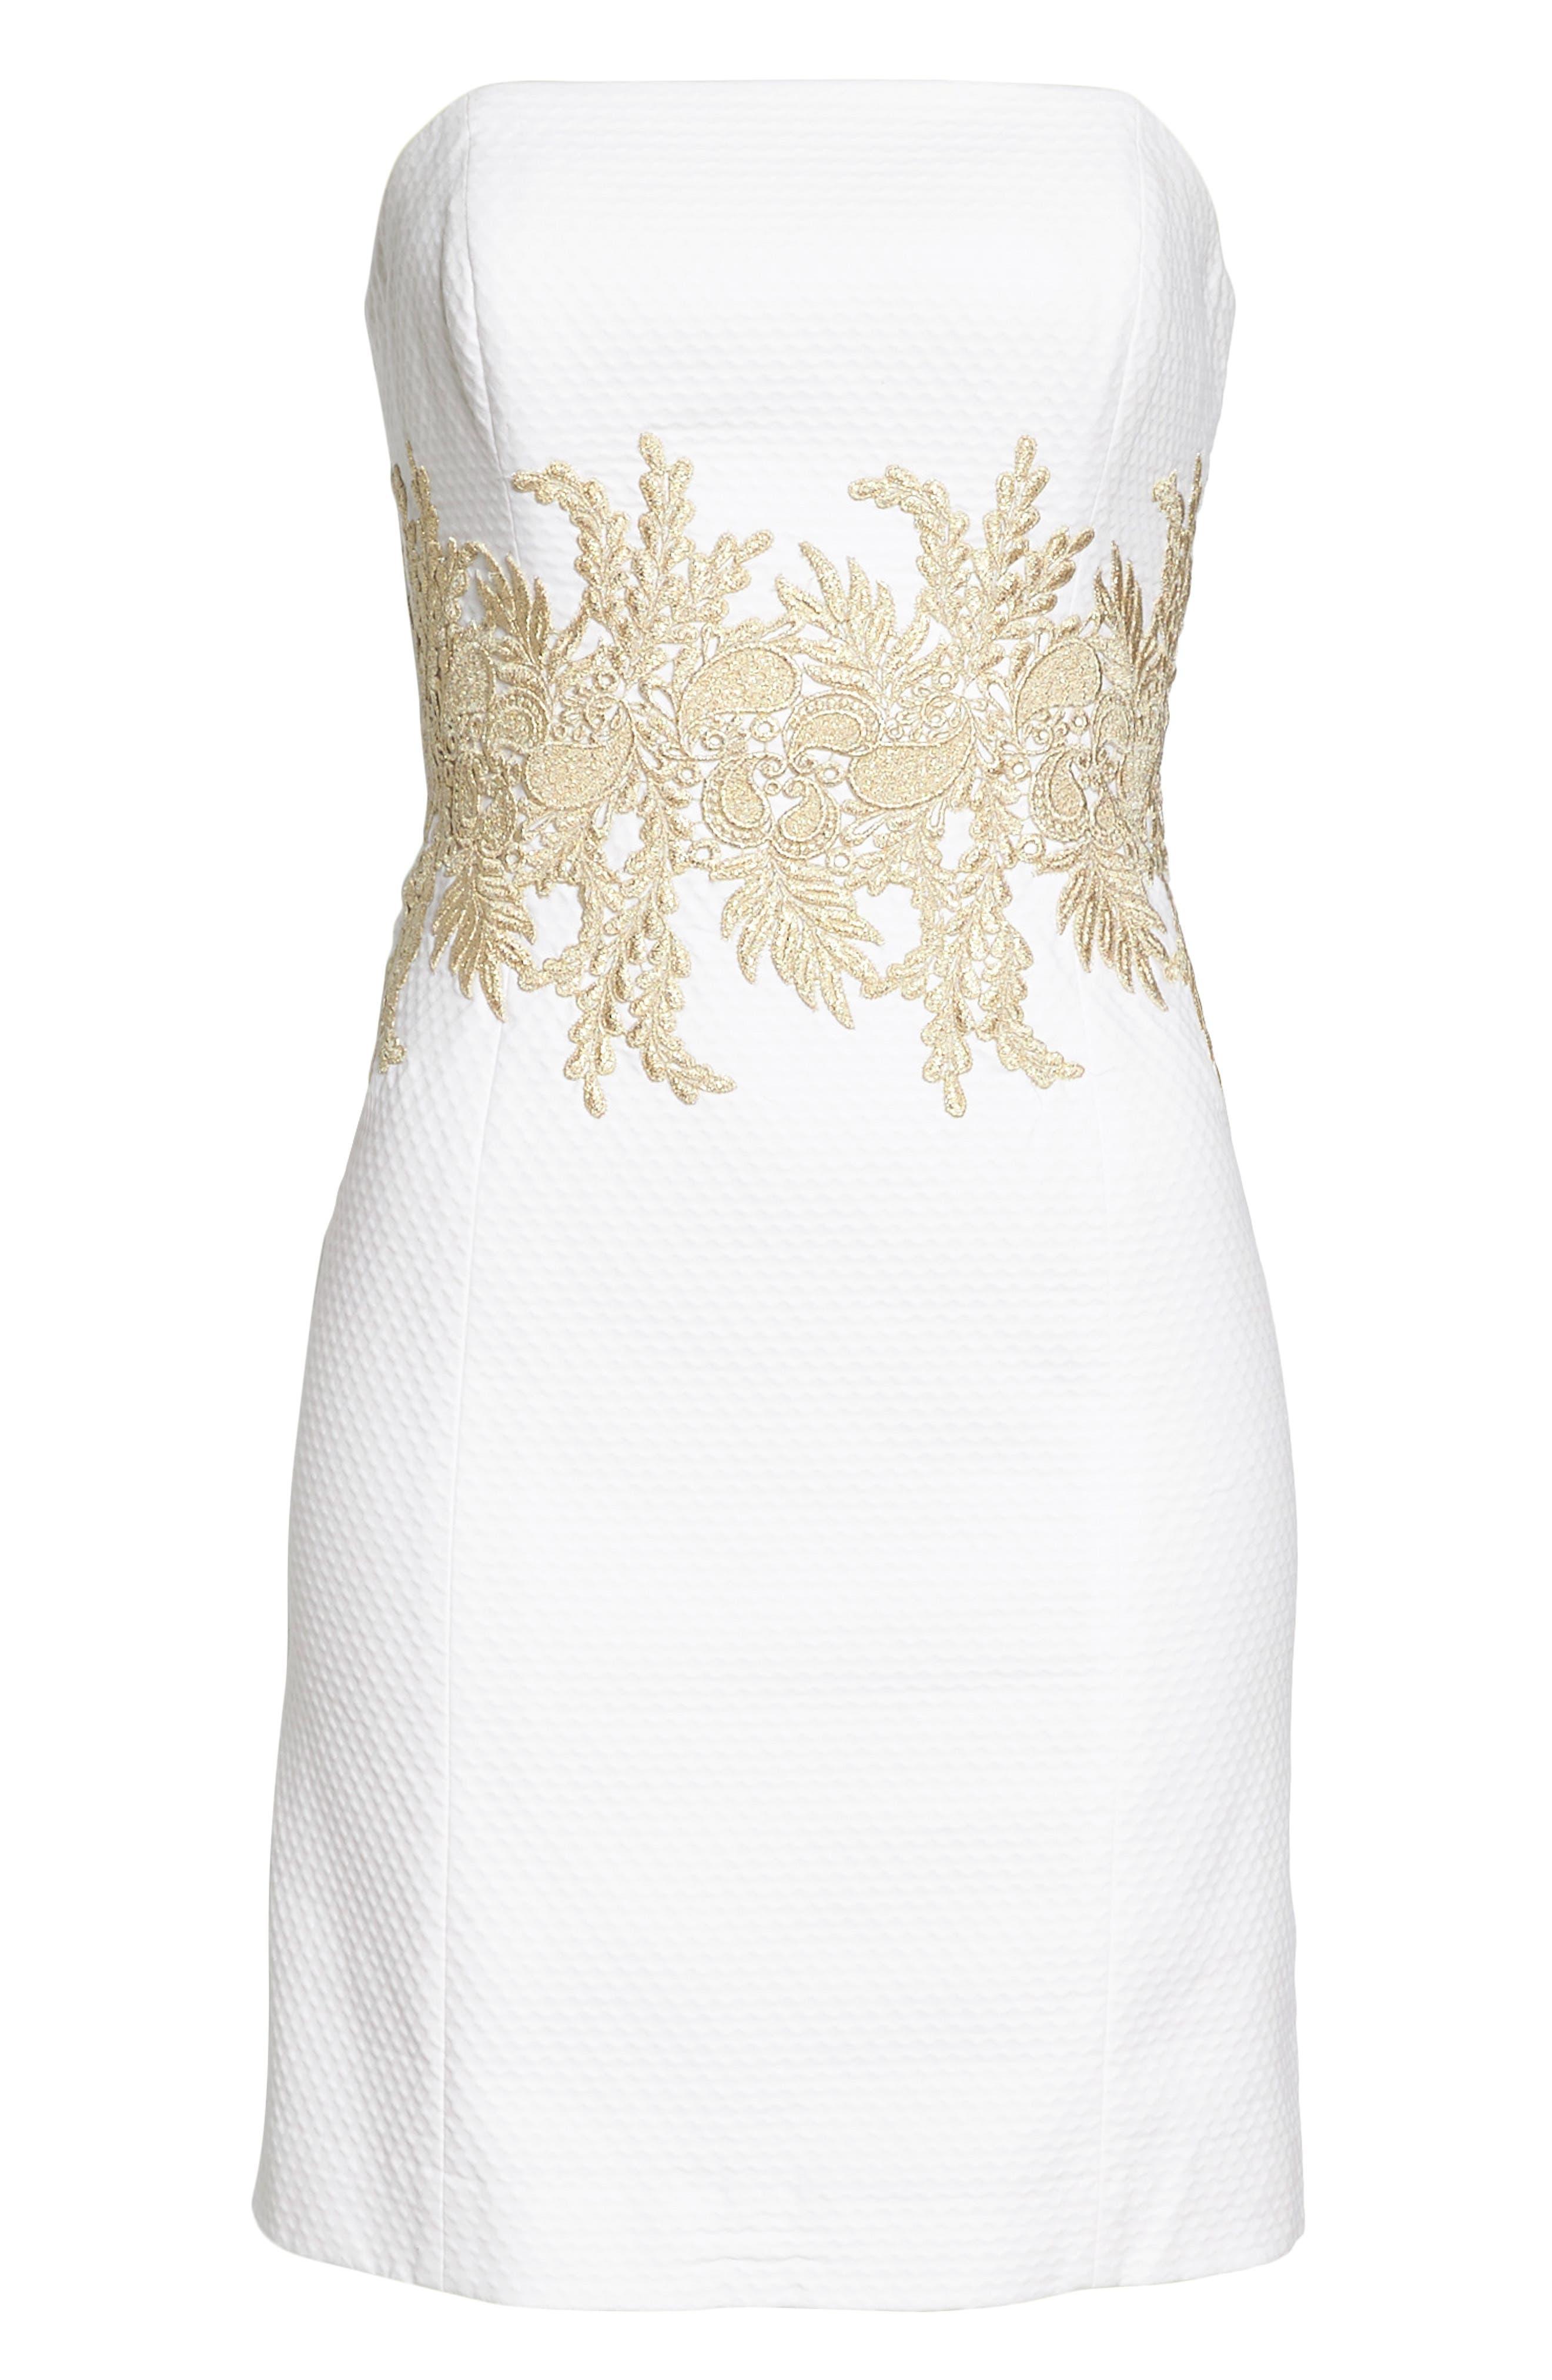 Kade Strapless Dress,                             Alternate thumbnail 6, color,                             Resort White